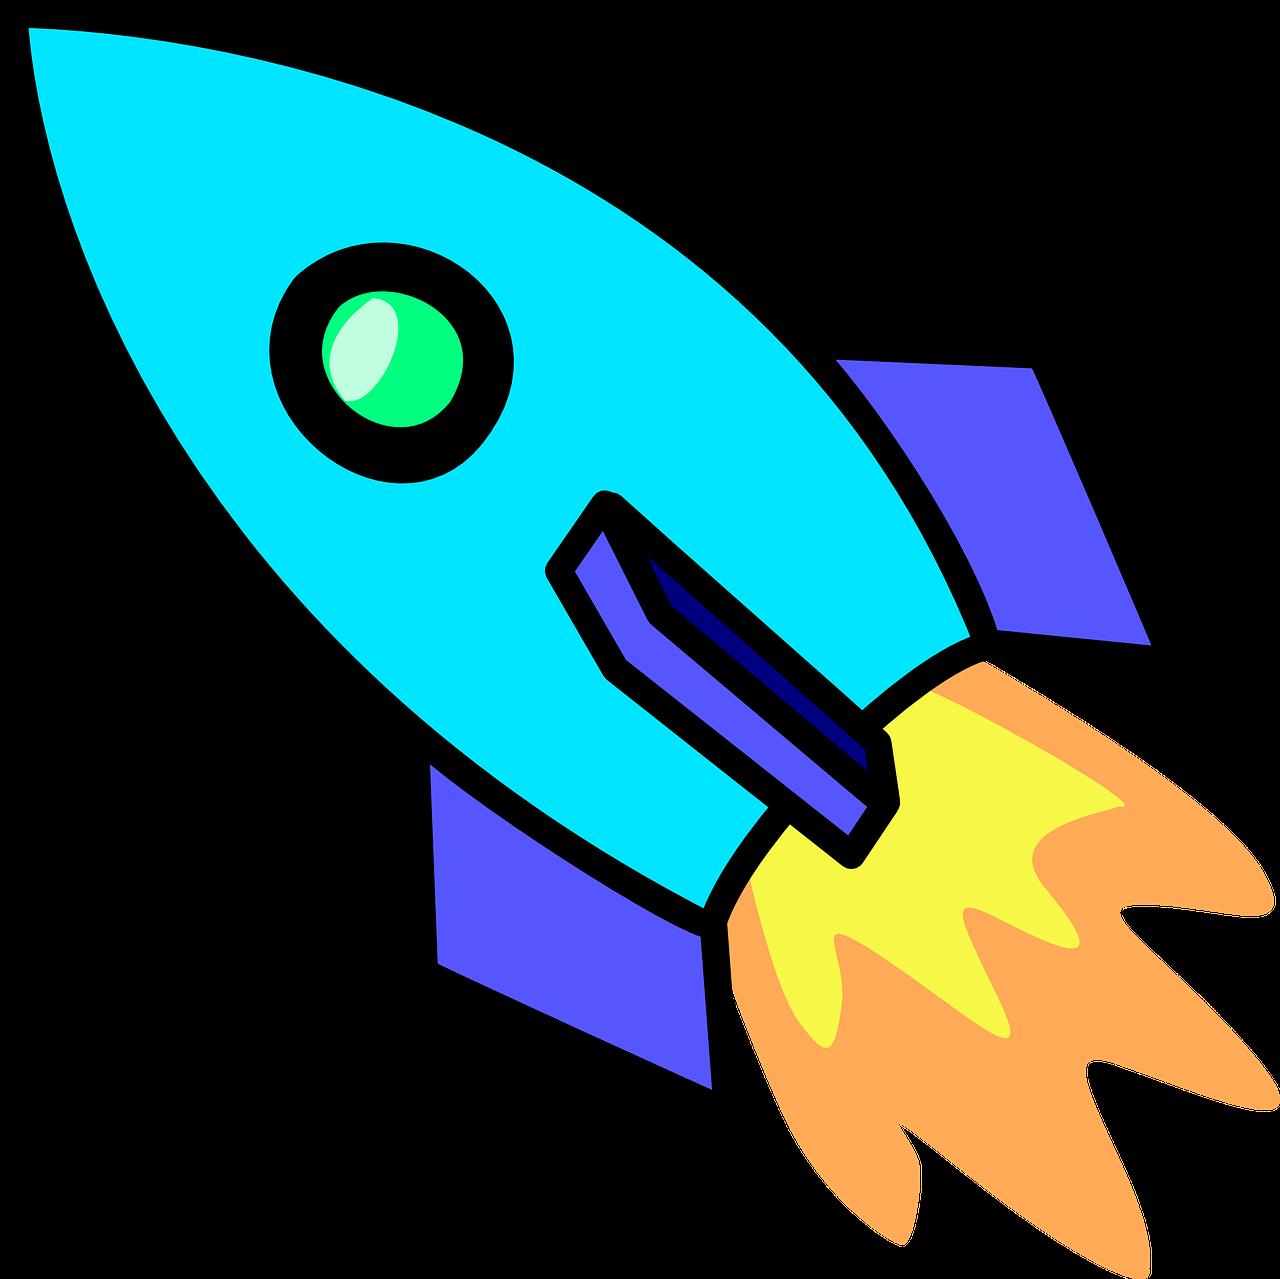 hight resolution of travel rocket propulsion spaceship engine technol travel rocket propulsion